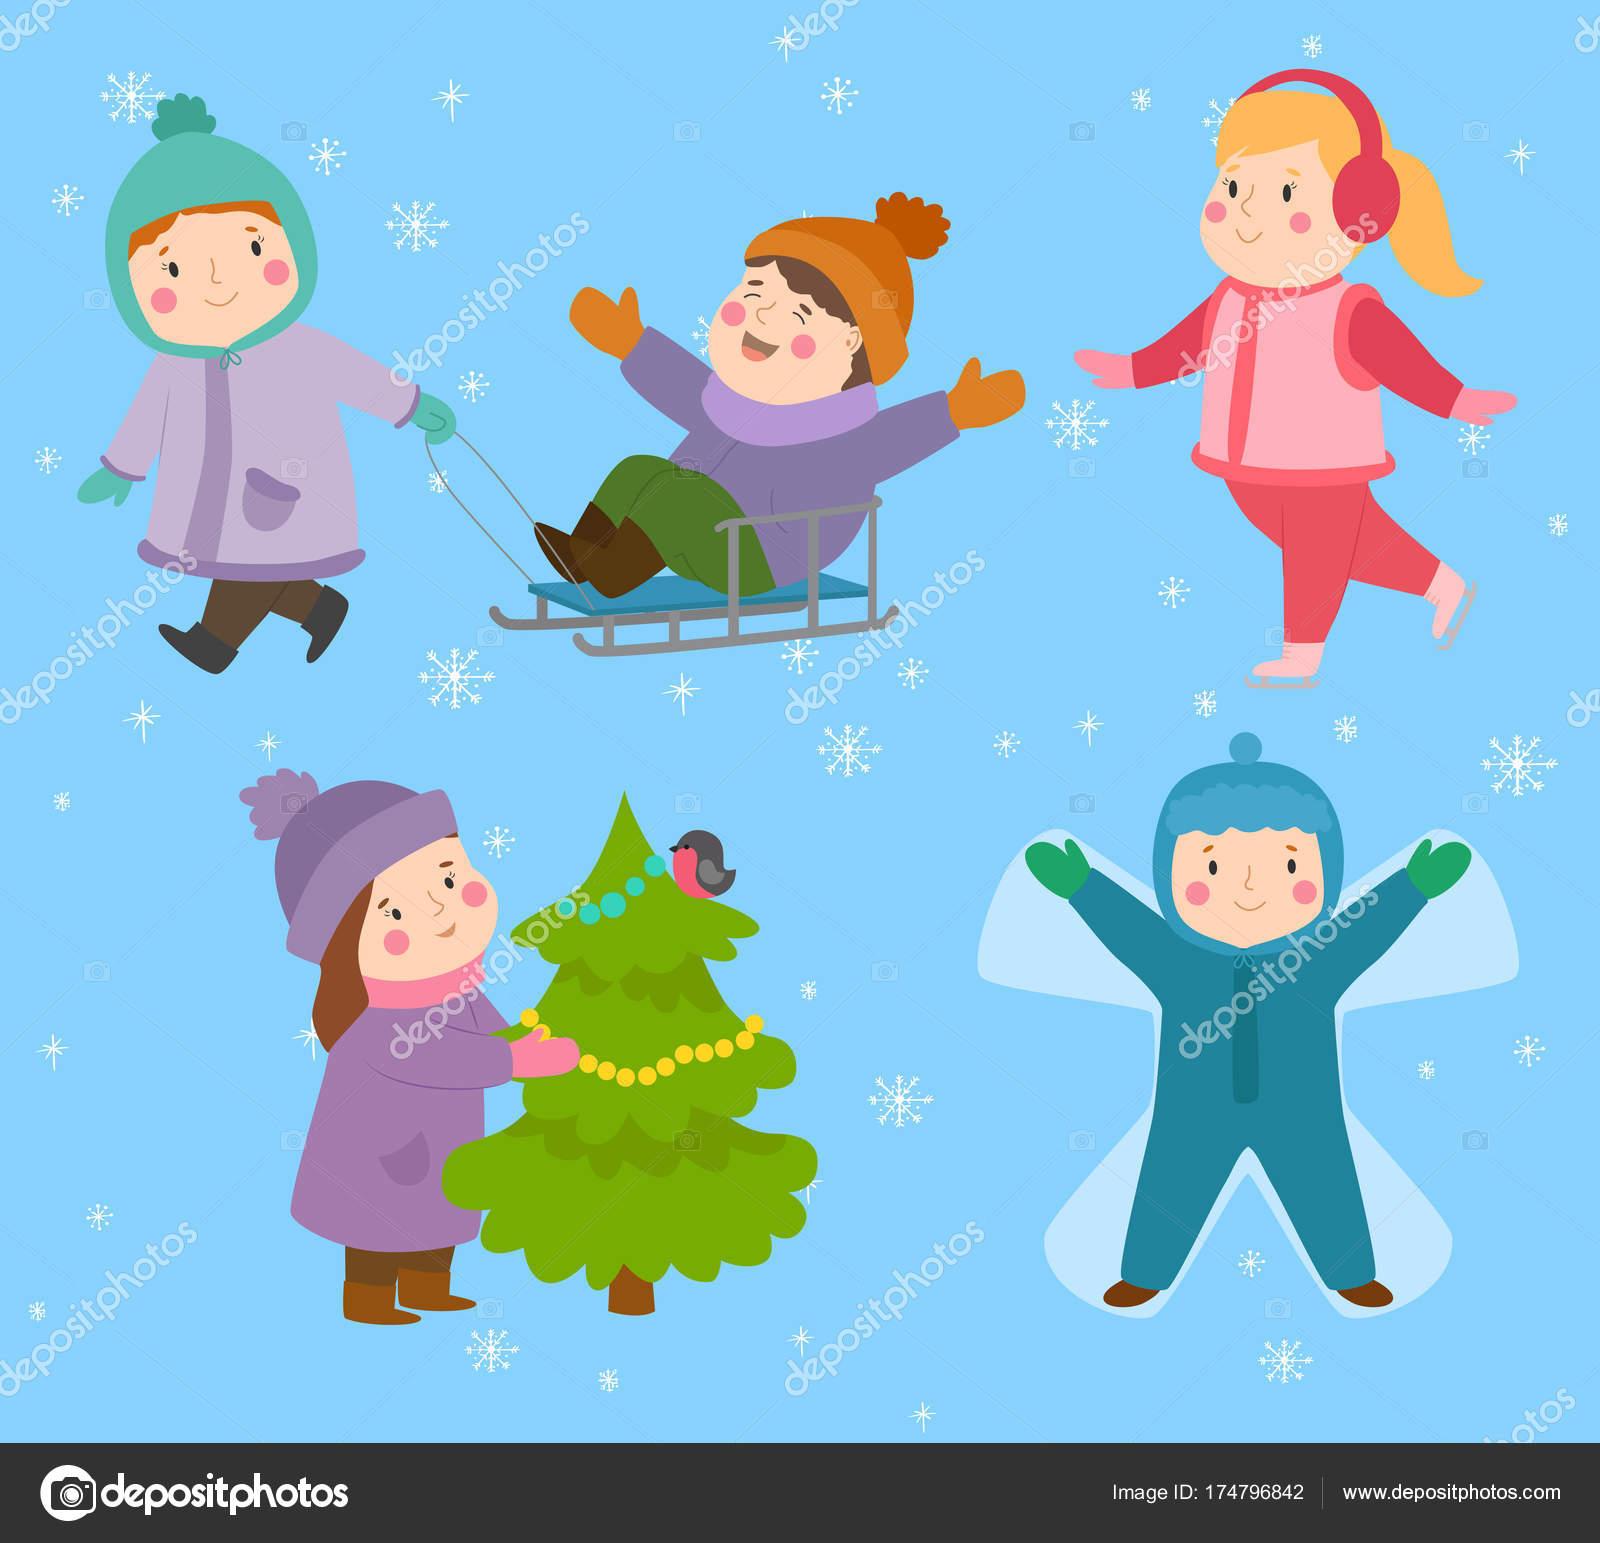 Kinderen winter kerst spelletjes Speeltuin kinderen spelen sport van  soorten sneeuwbal, schaatsen, kiddy vakantie